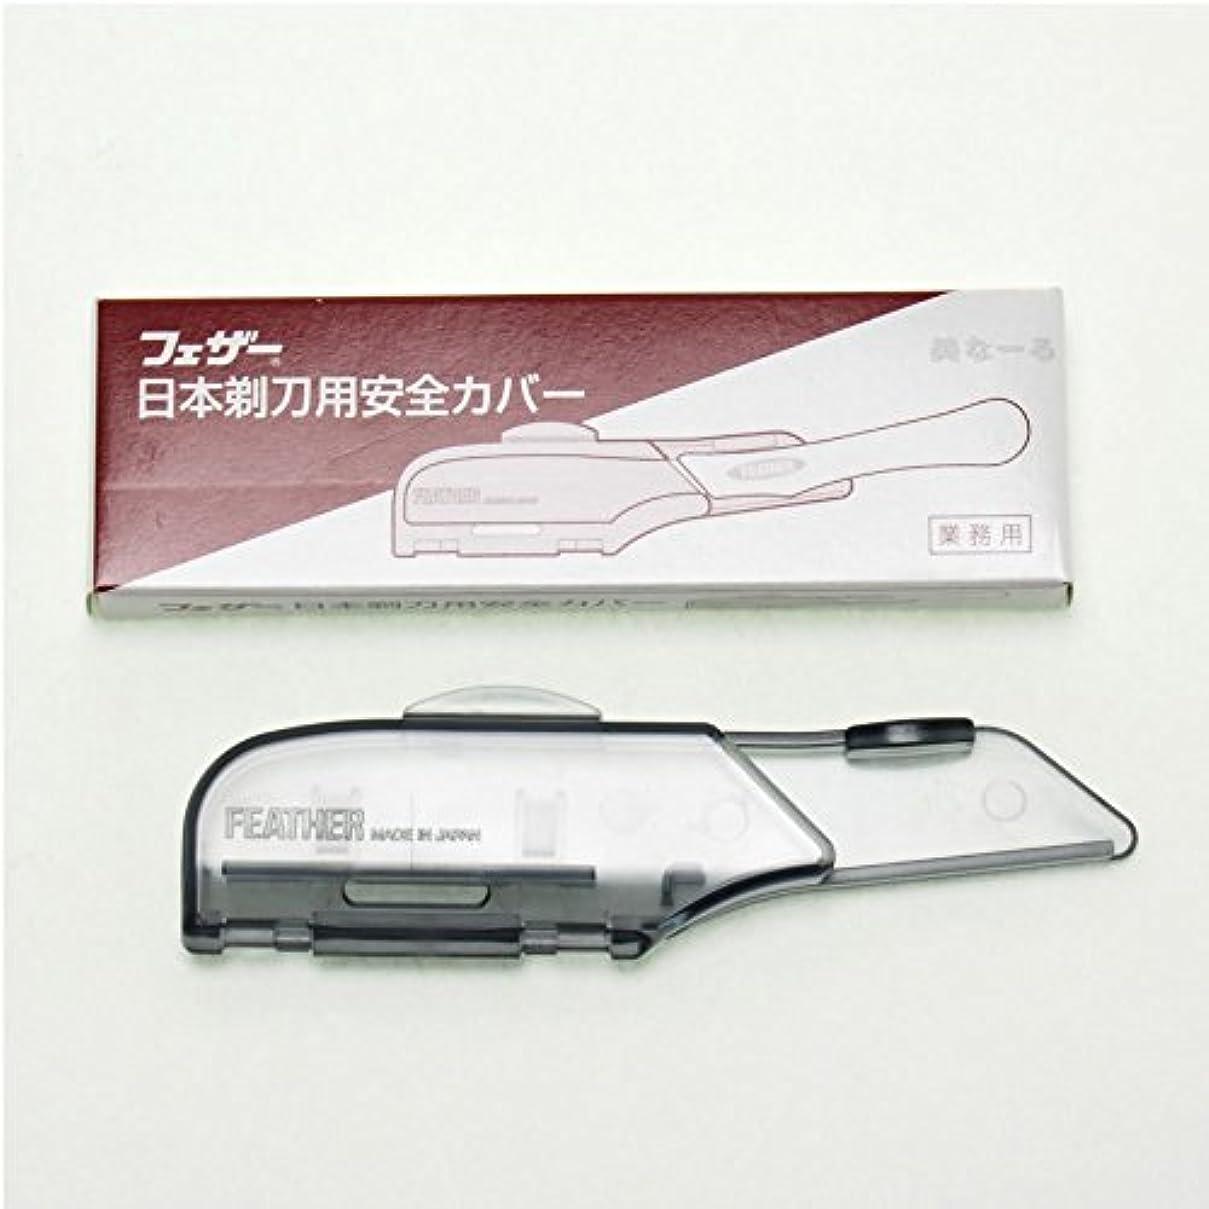 呼び起こす鑑定エレガント業務用 フェザー日本剃刀用安全カバー NC-300